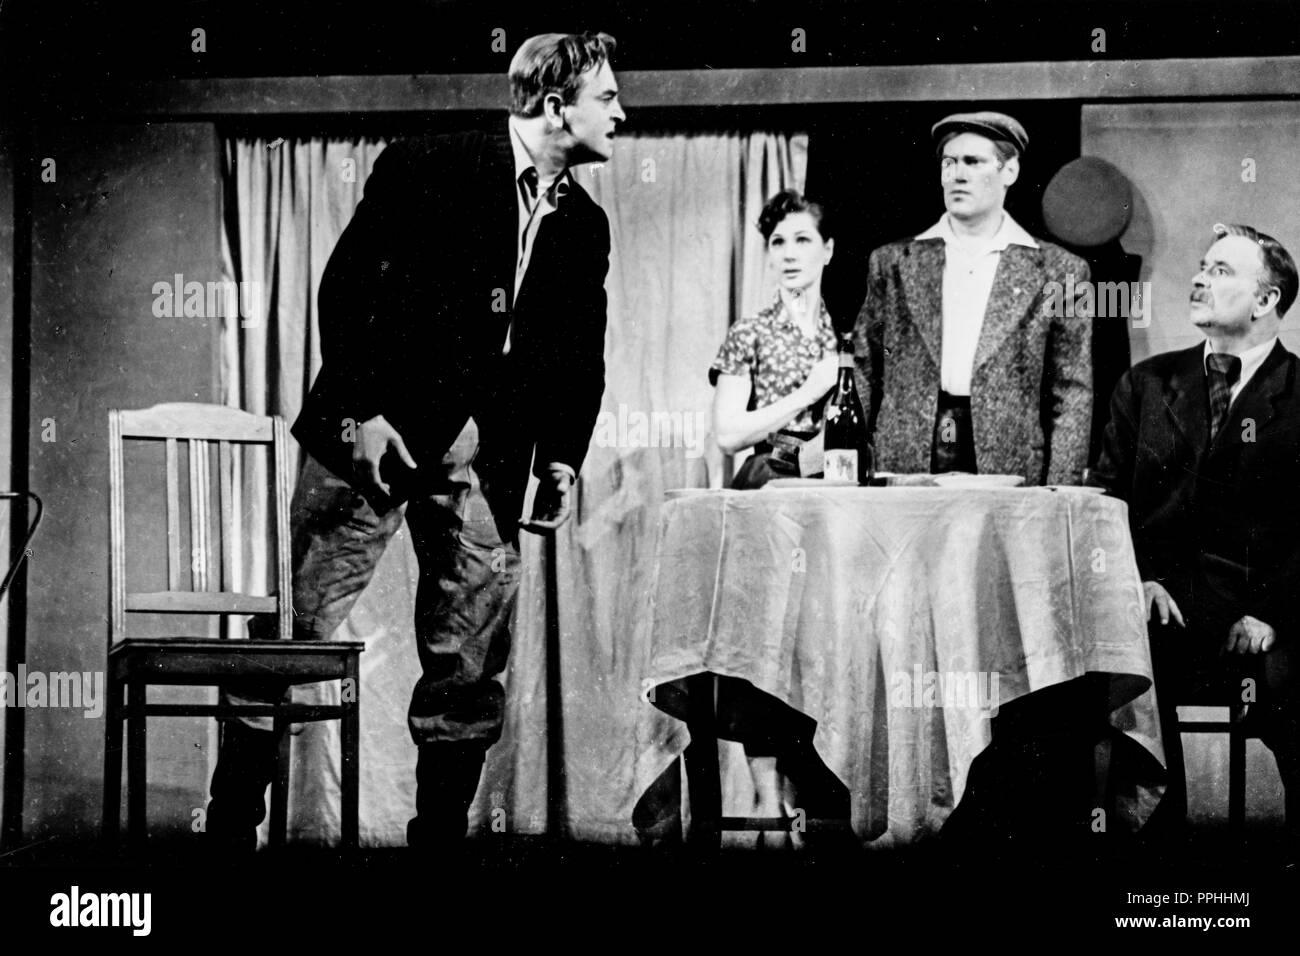 yuri lyubimov, nina nekhlopochenko, mikhail dadyko, nikolai plotnikov, an irkutsk story, 1962 - Stock Image